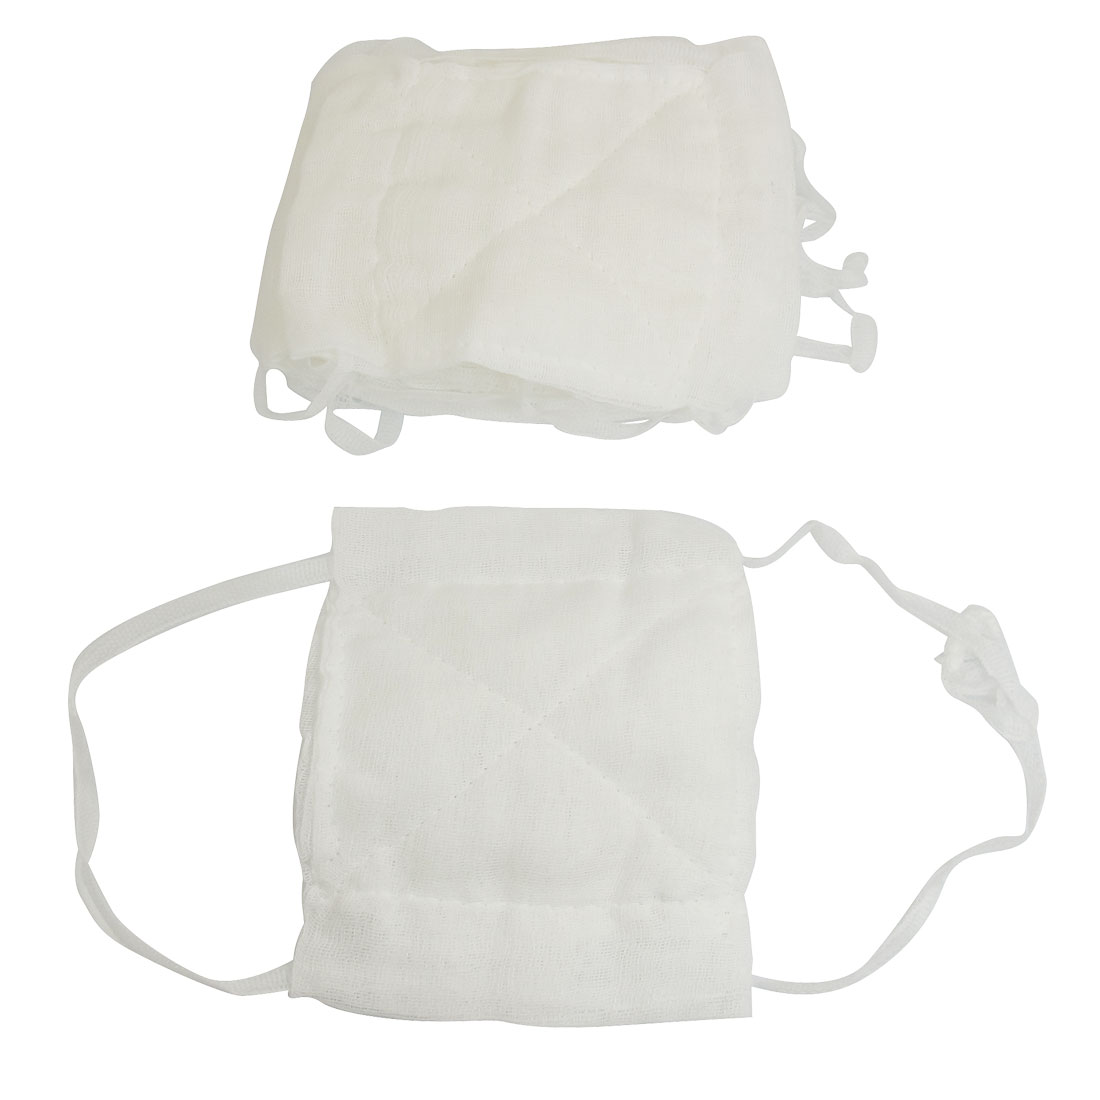 13cm x 16cm Washable Reusable Health White Gauze Coverd Face Mouth Mask 10 Pcs